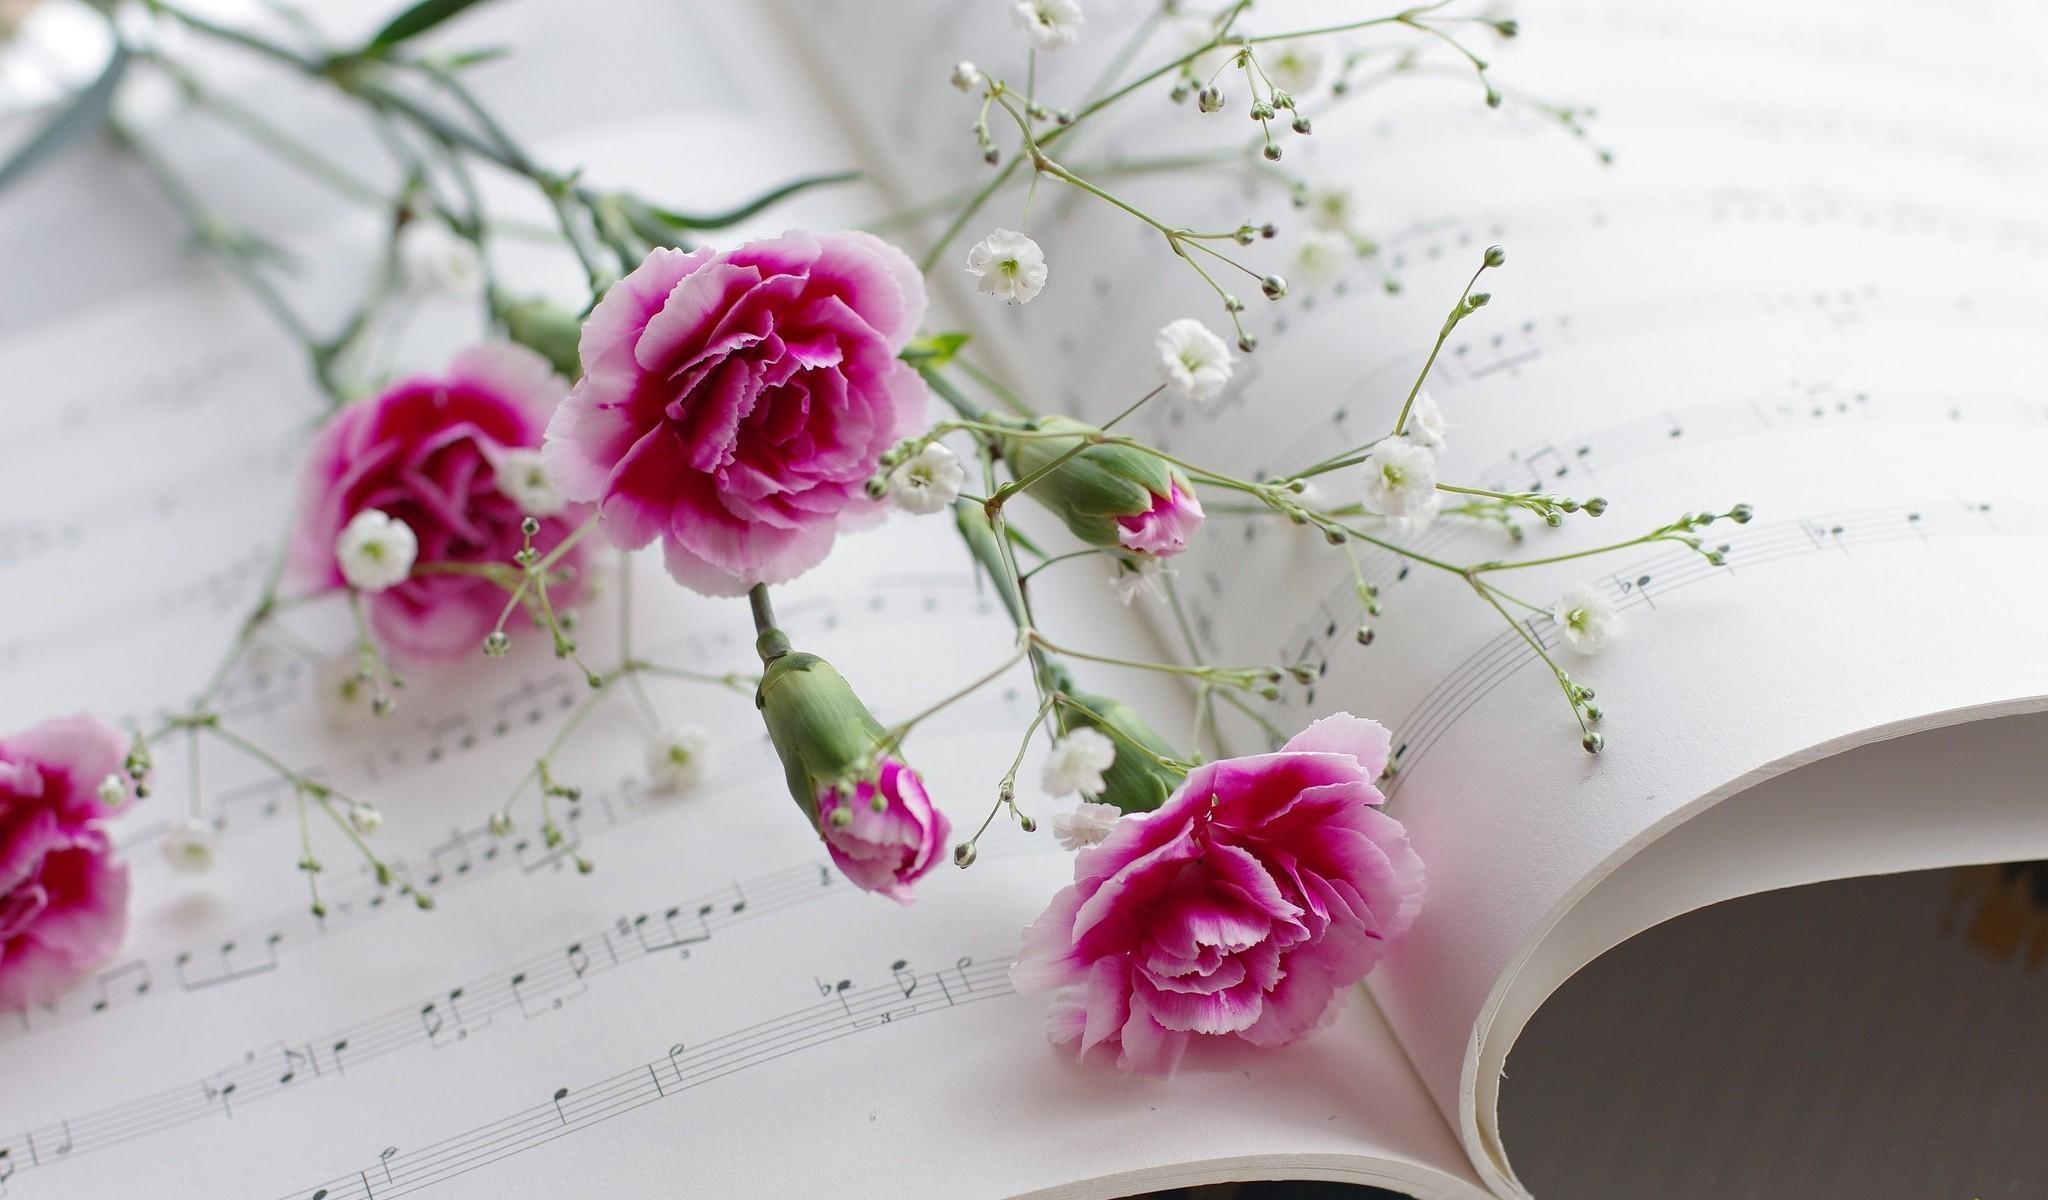 120971 Hintergrundbild herunterladen Musik, Blumen, Nelken, Schleierkraut, Gipsophile, Anmerkungen - Bildschirmschoner und Bilder kostenlos